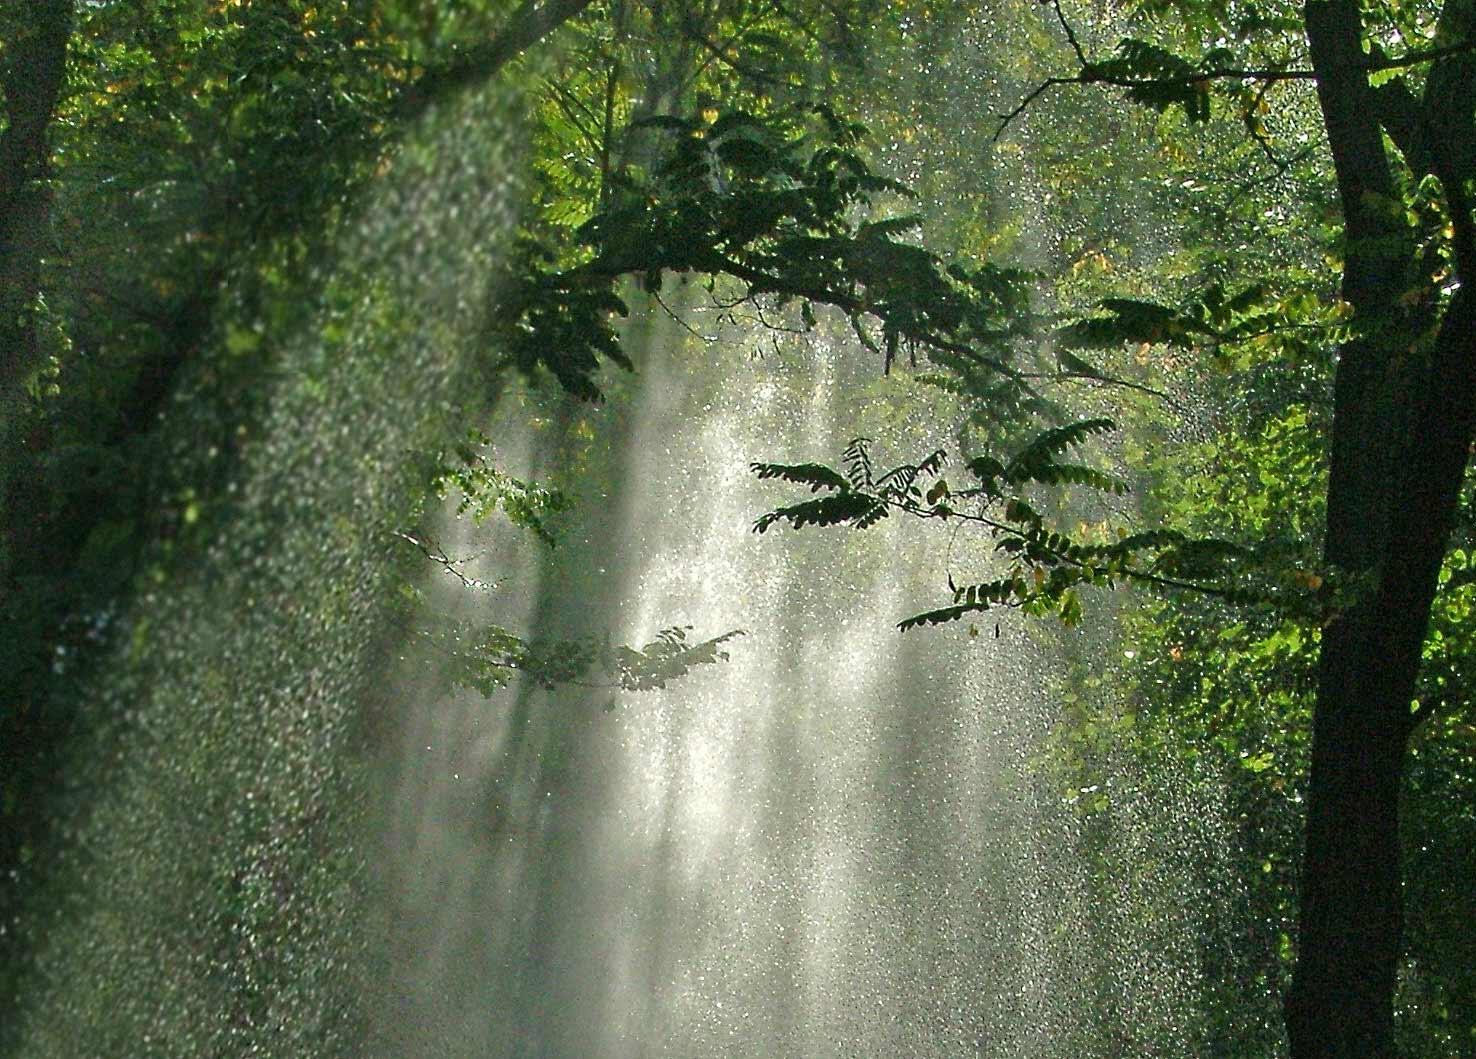 современных картинки на тему дождь в лесу выхода кашмарных